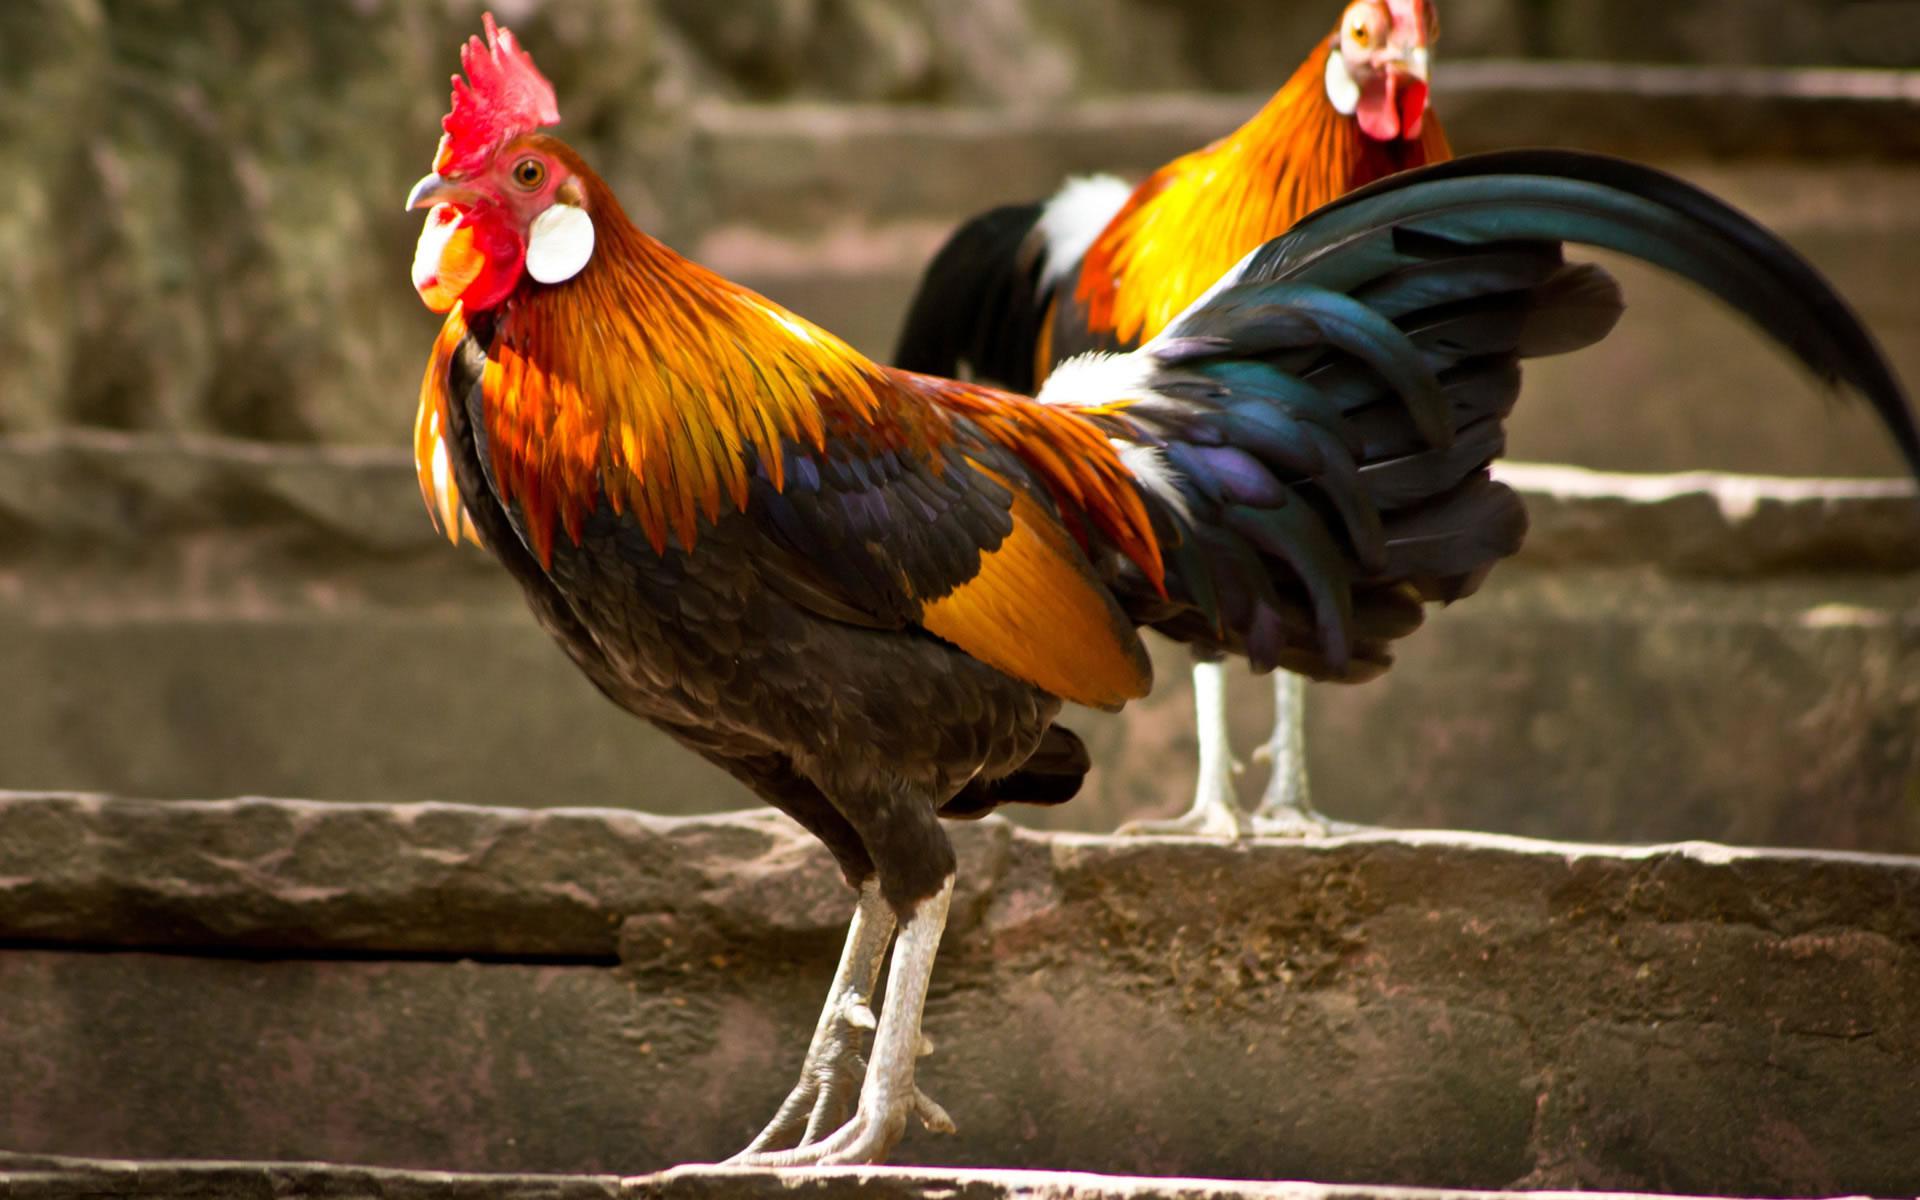 Los viejos chupan fotos de gallos